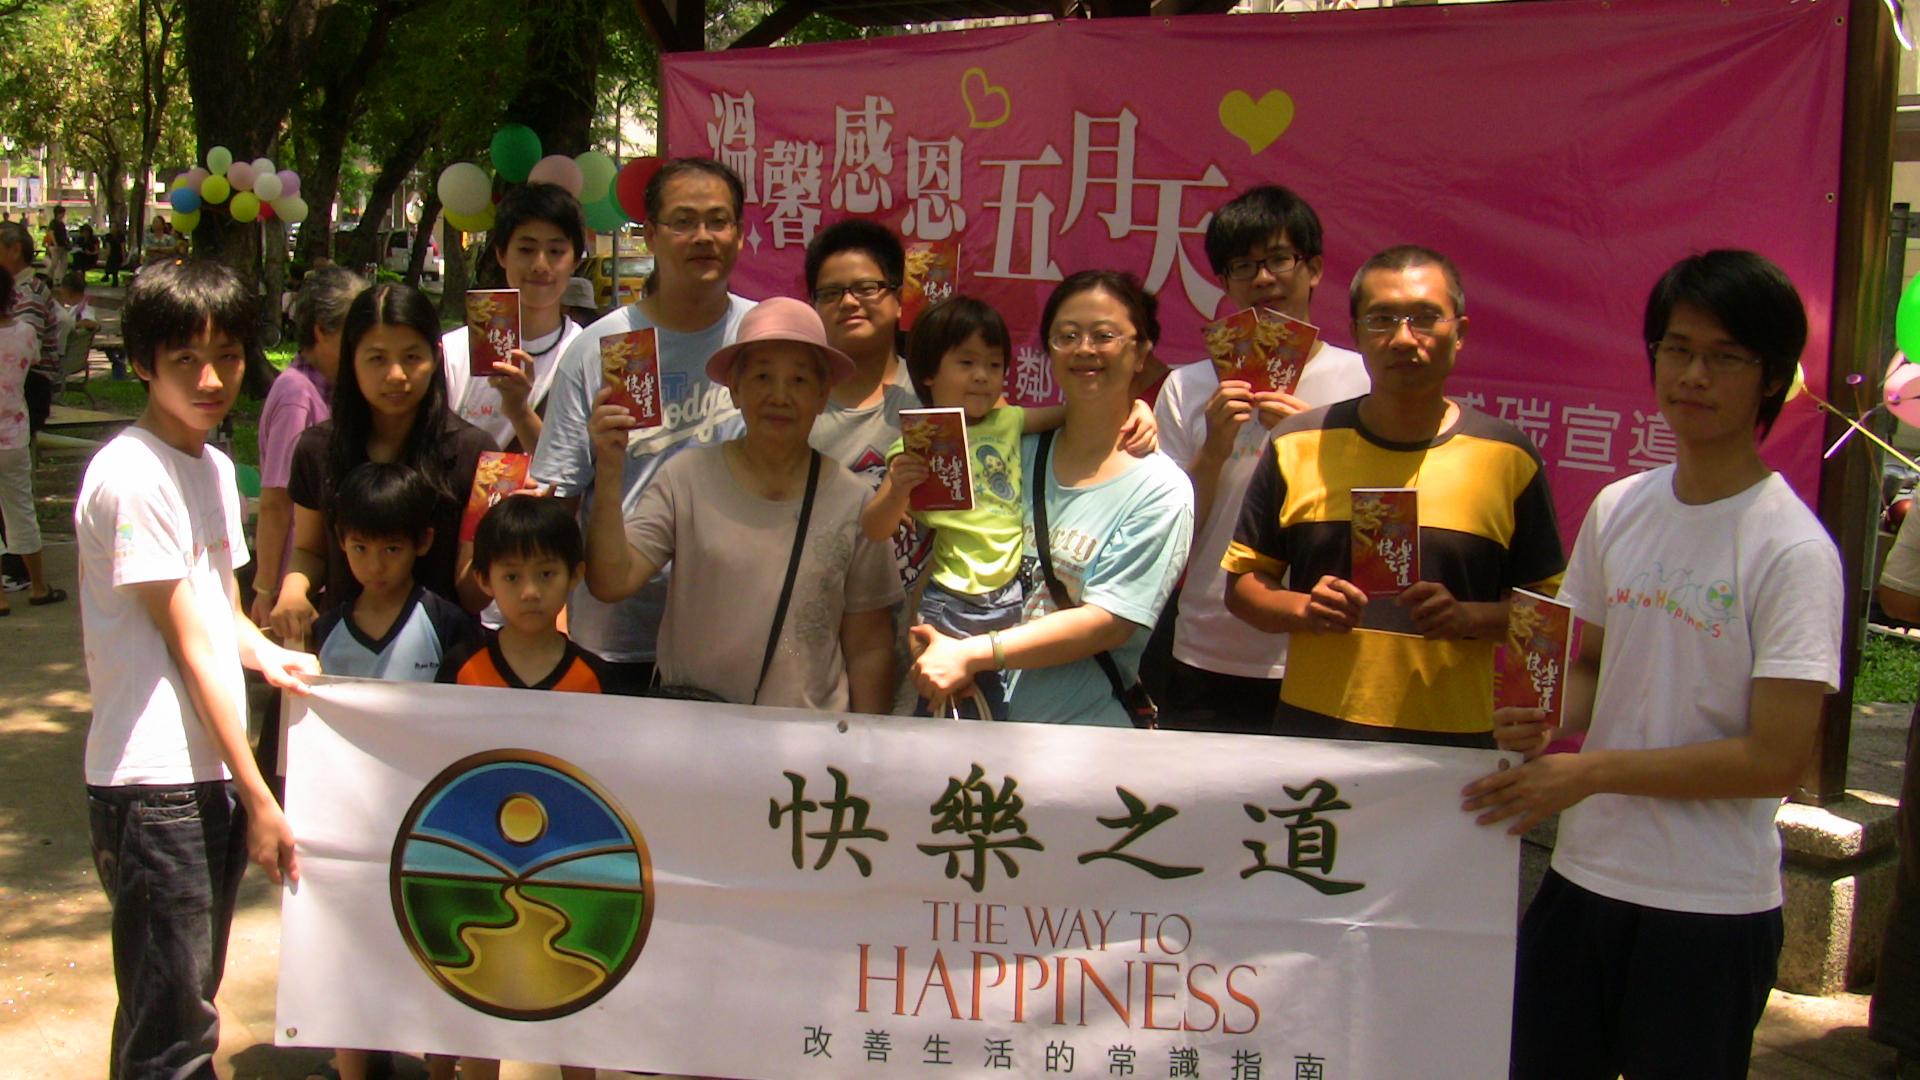 高雄社區舉辦敬愛母親聯歡活動  知性感動又溫馨